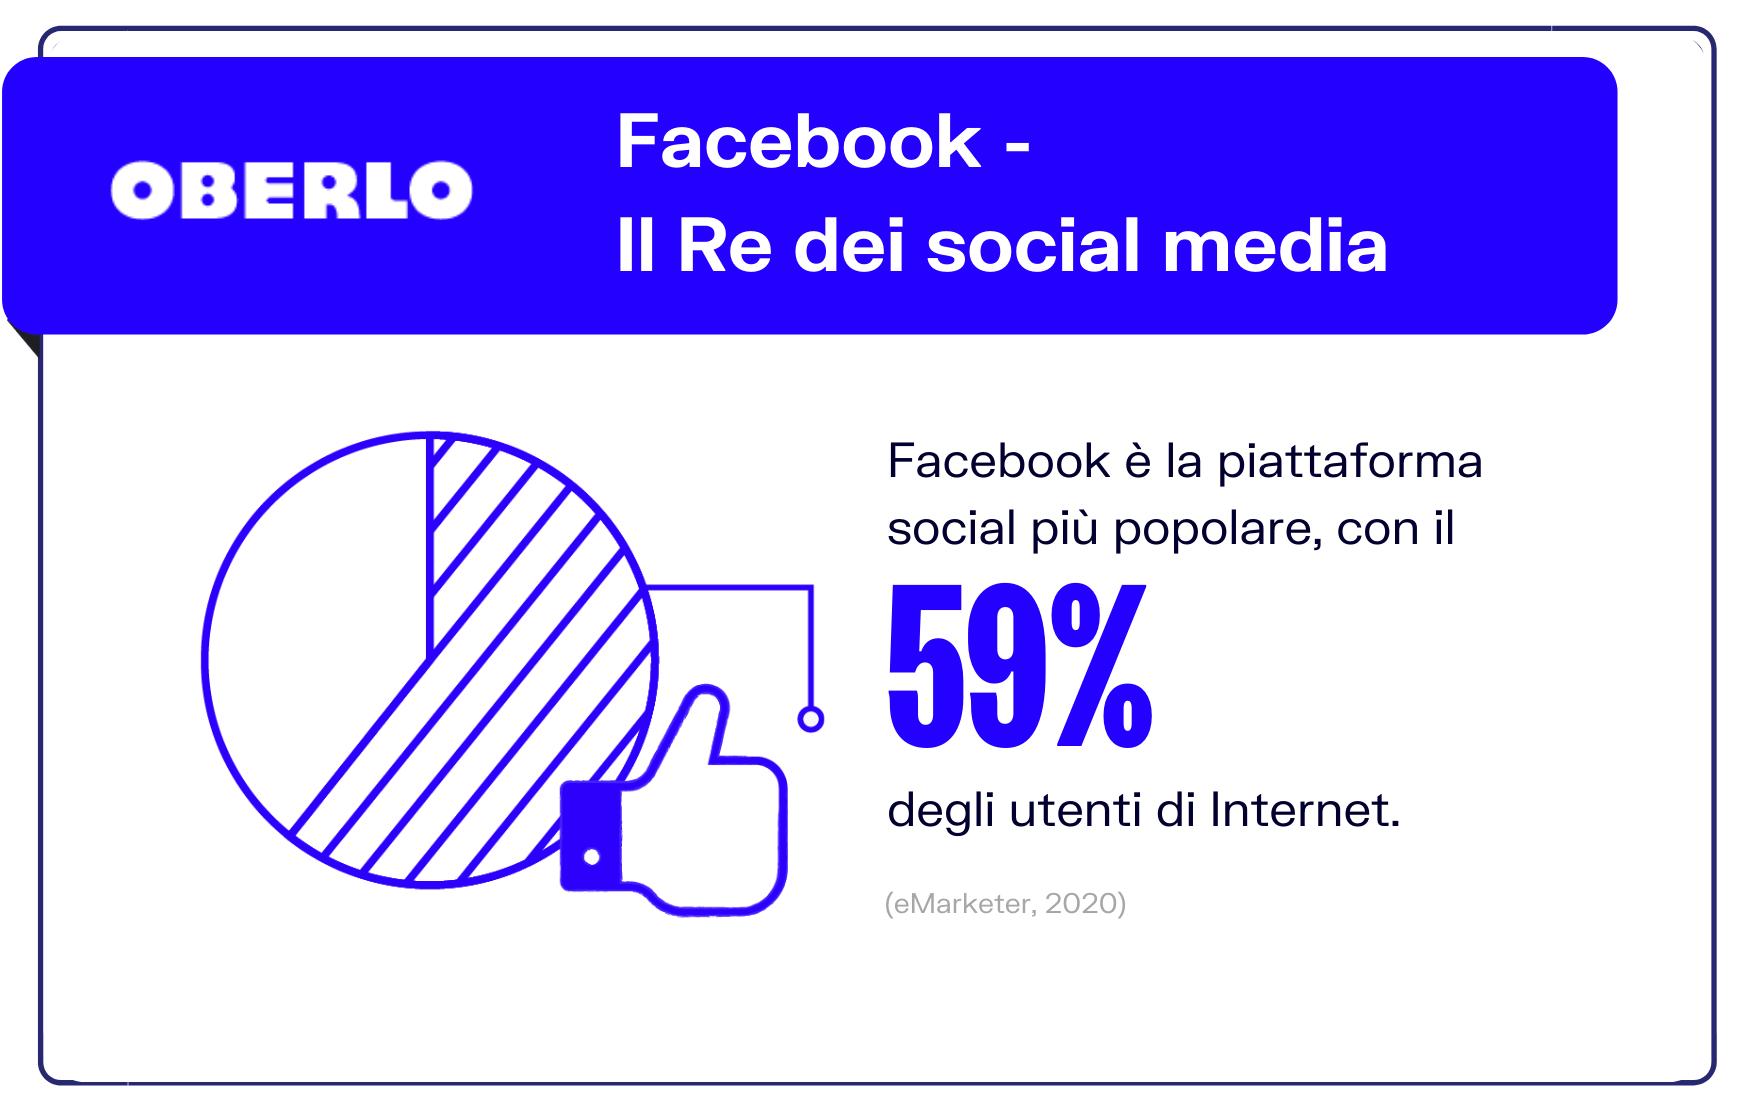 statistiche facebook 2021: 59% degli utenti internet usano Facebook